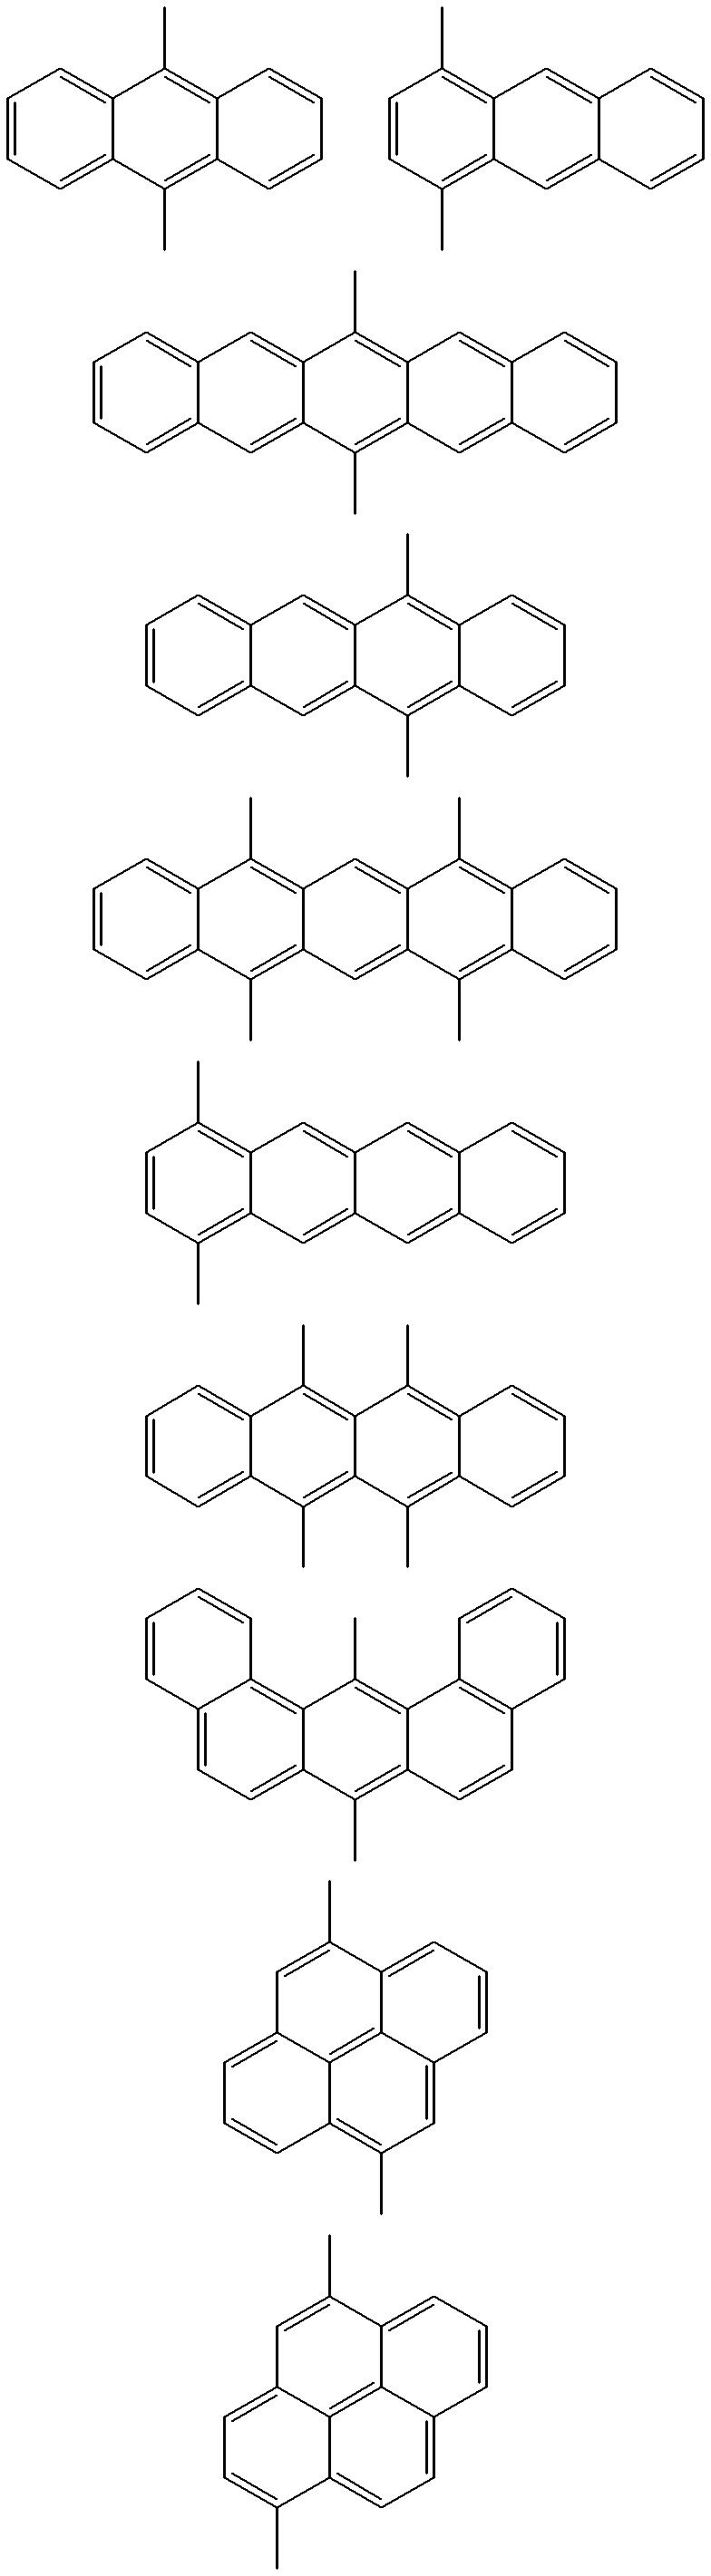 Figure US06203933-20010320-C00001